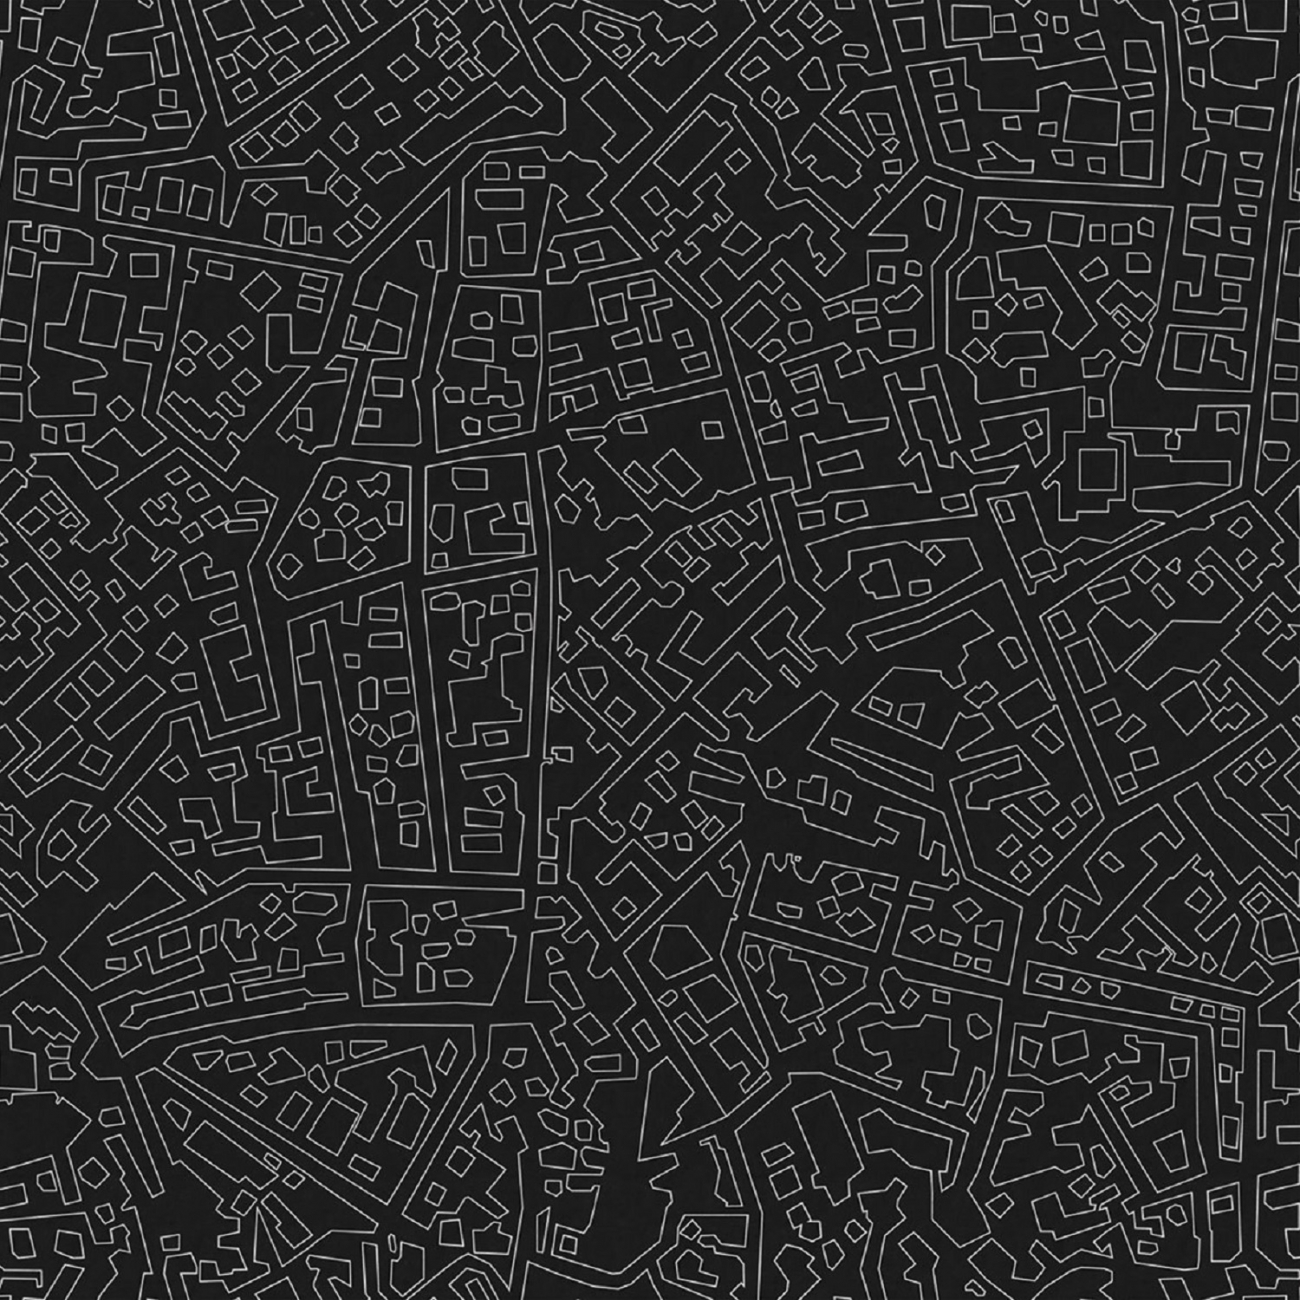 LONDON ART CITYMAP WALLPAPER